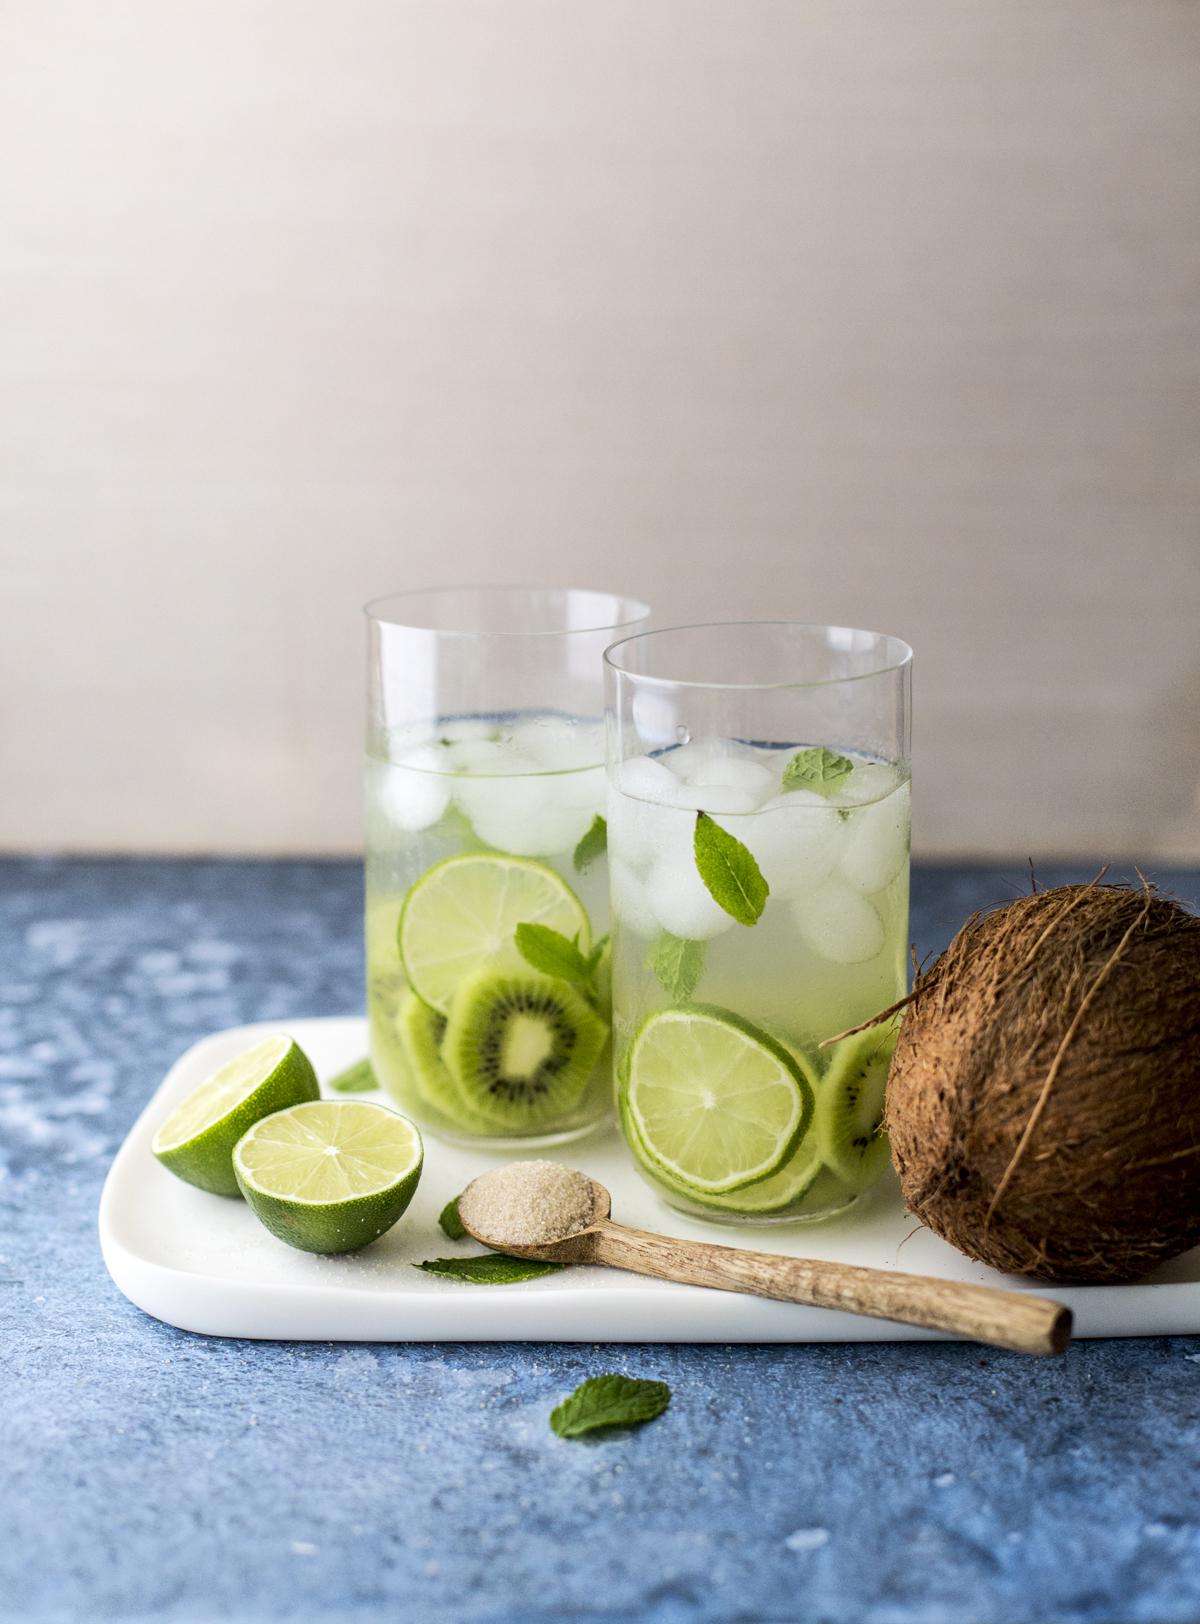 Acqua aromatizzata | Idratazione | Vaniglia Storie di Cucina